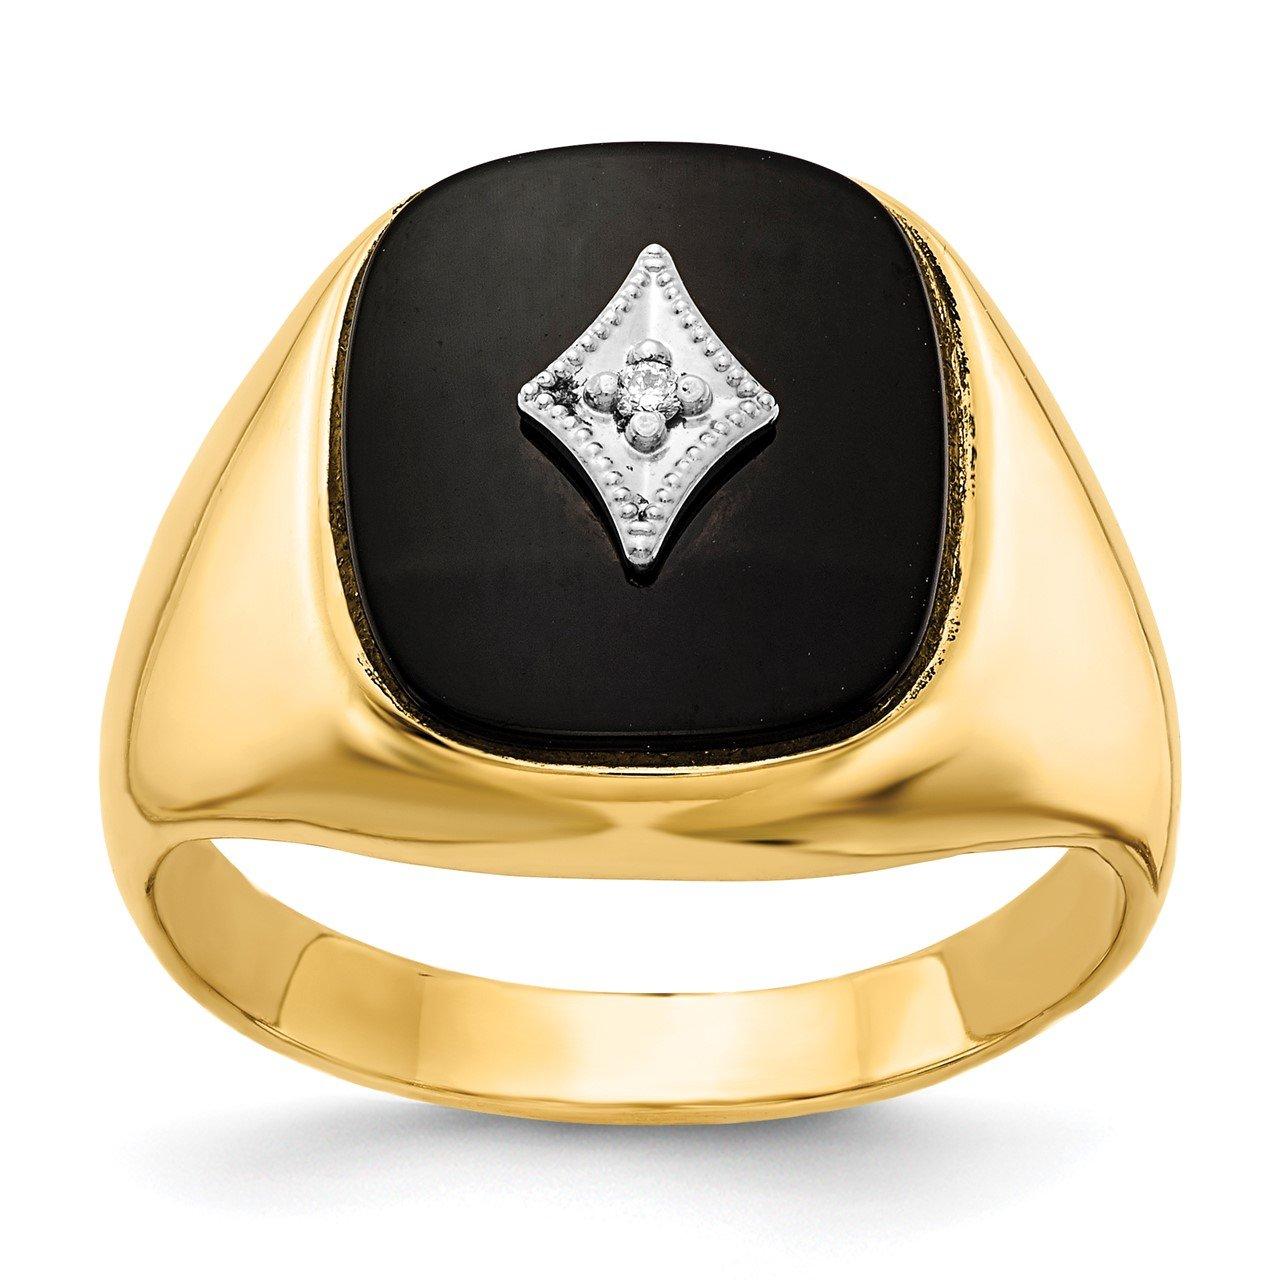 14k A Diamond men's ring